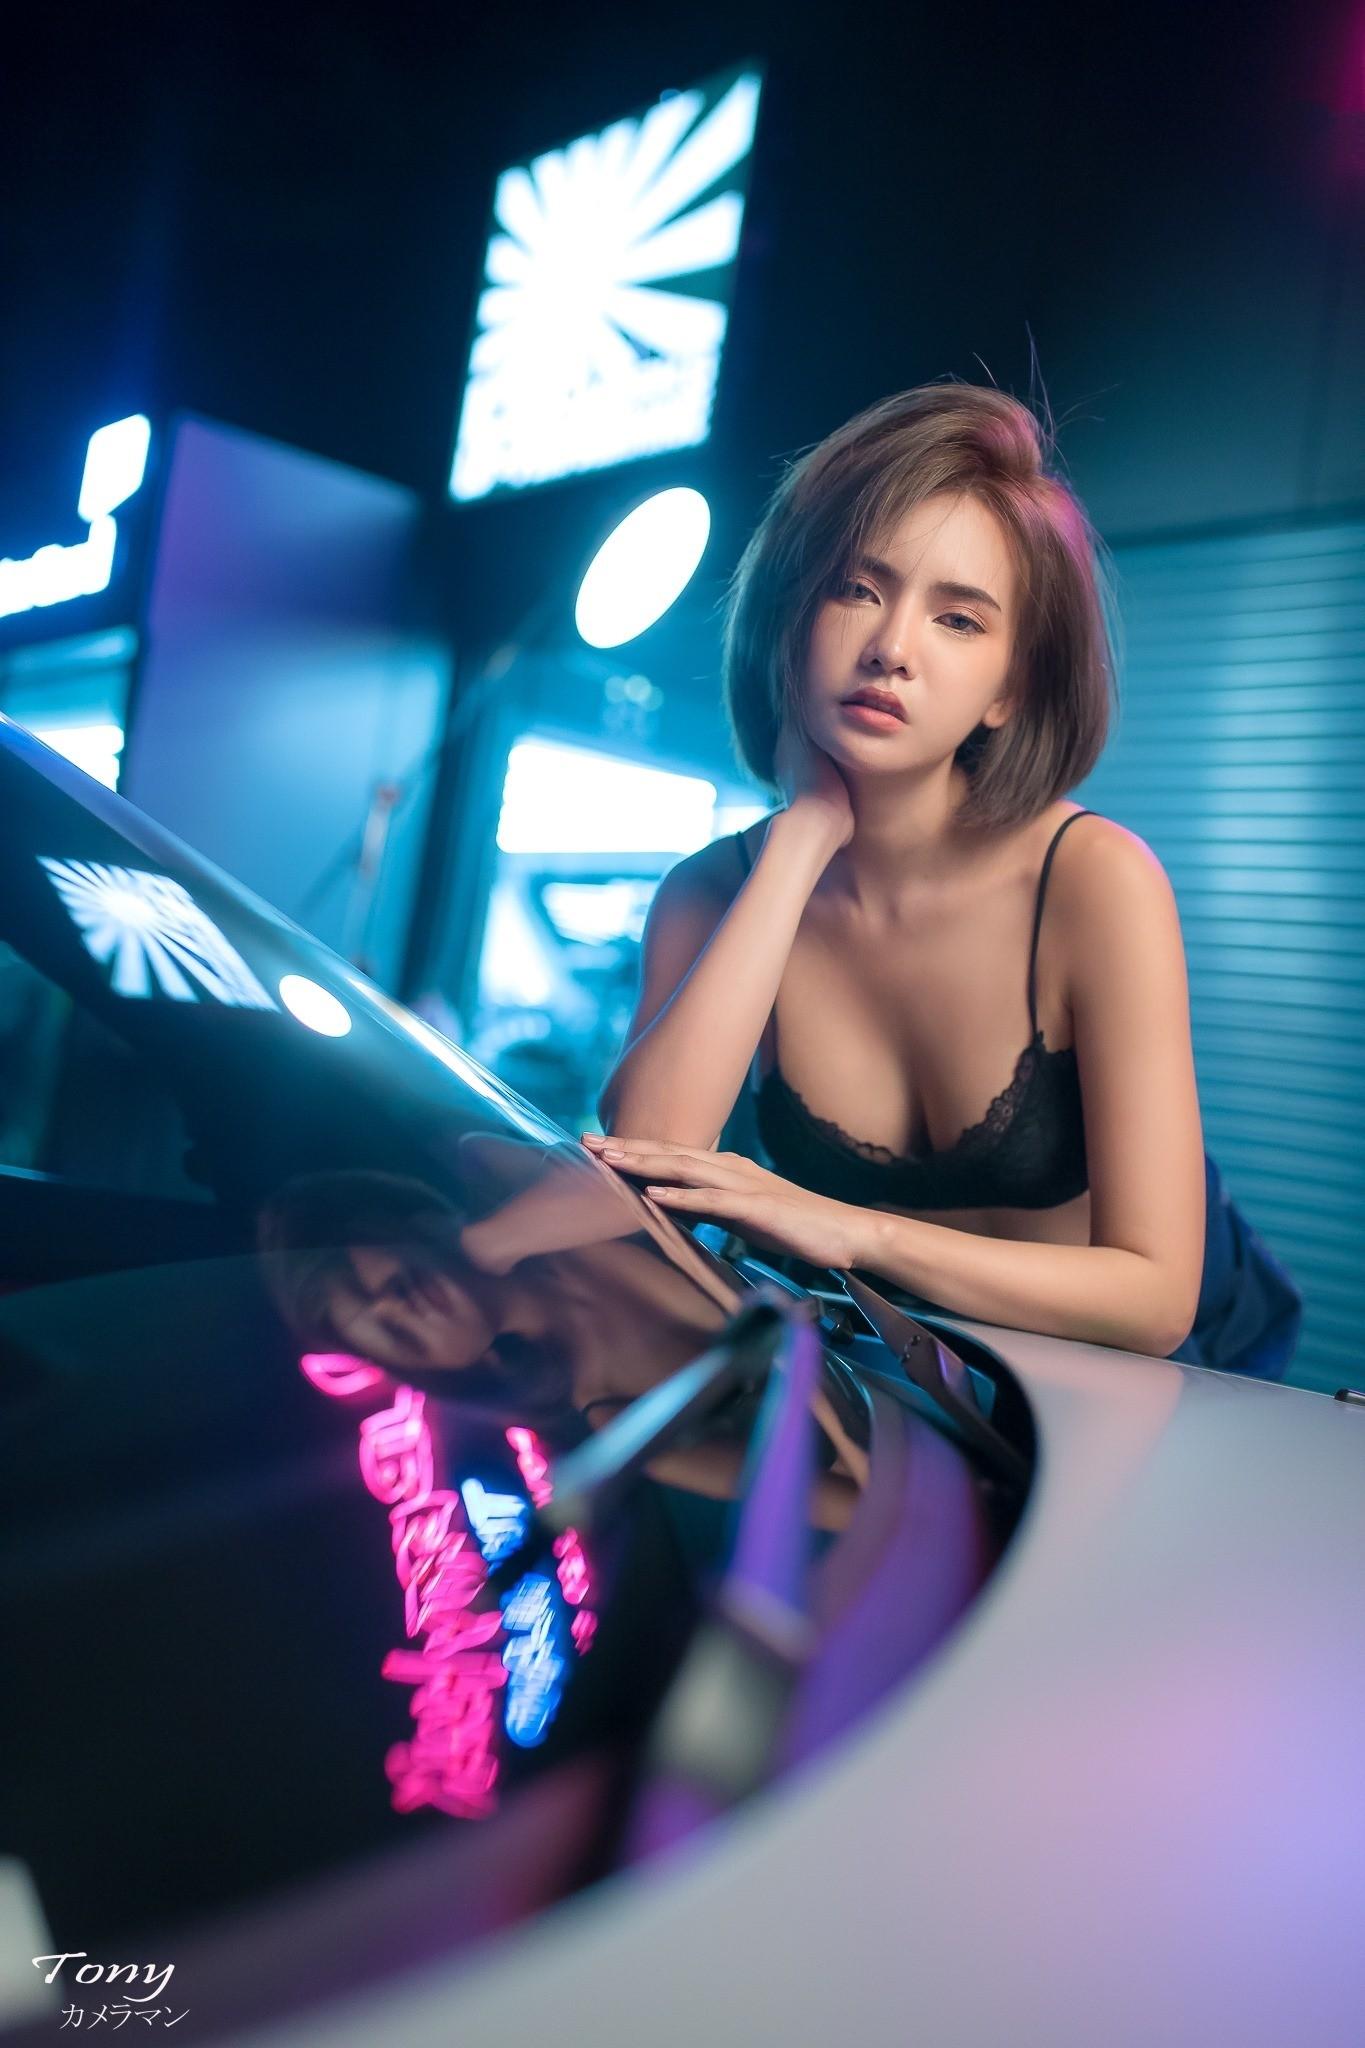 Chết mê trước vẻ đẹp không tì vết của người mẫu Thái Lan Sutasinee Siriruke - 2